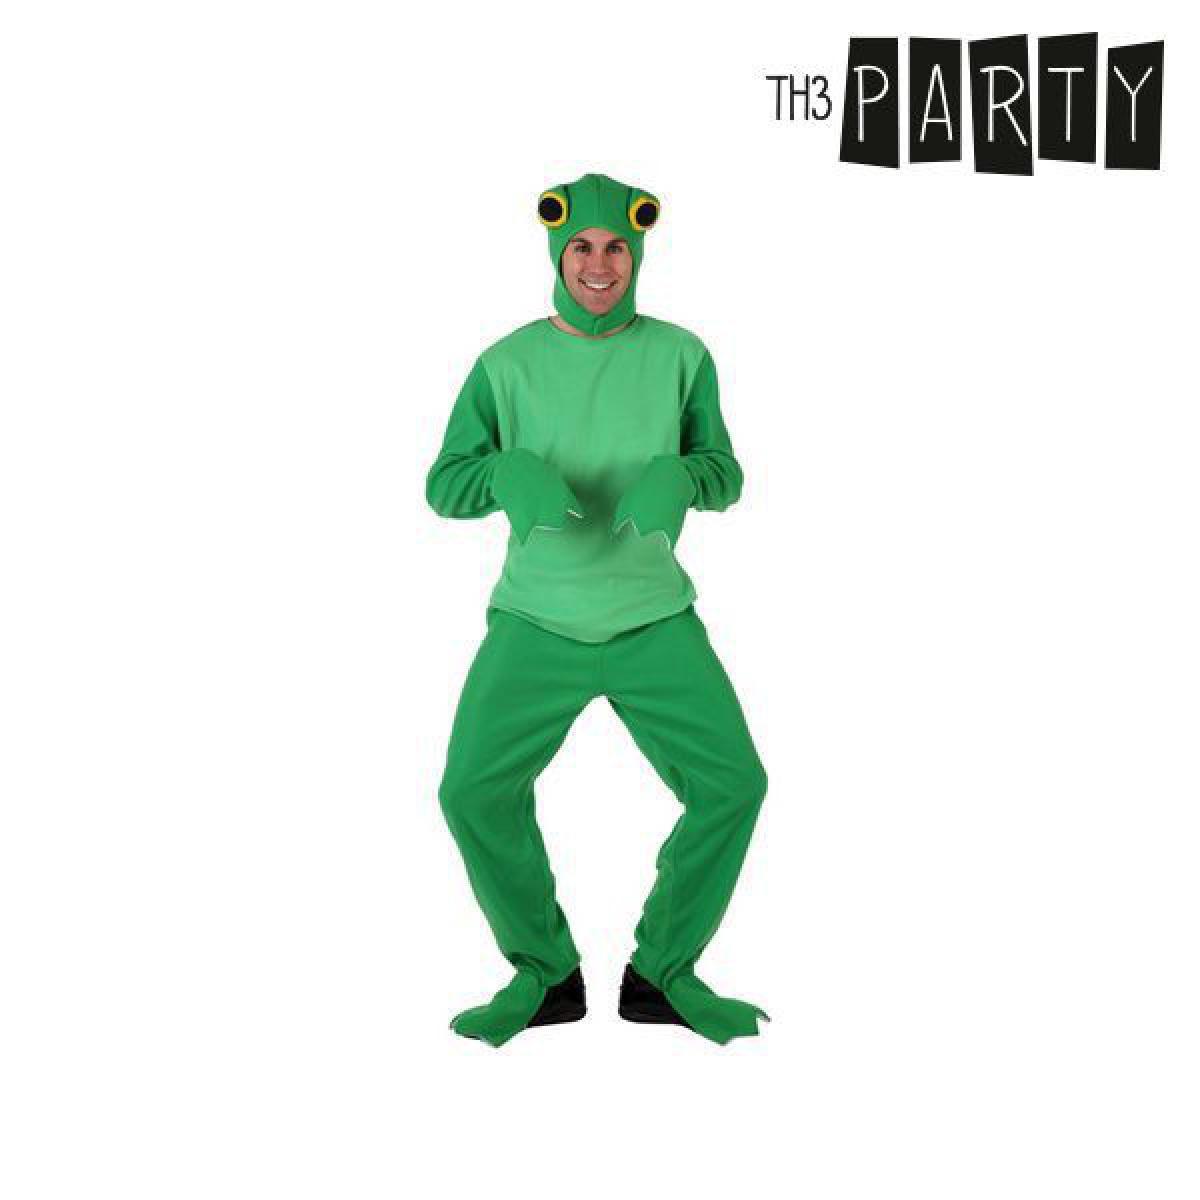 Totalcadeau Costume grenouille verte avec cagoule pour homme - Déguisement panoplie Pas cher